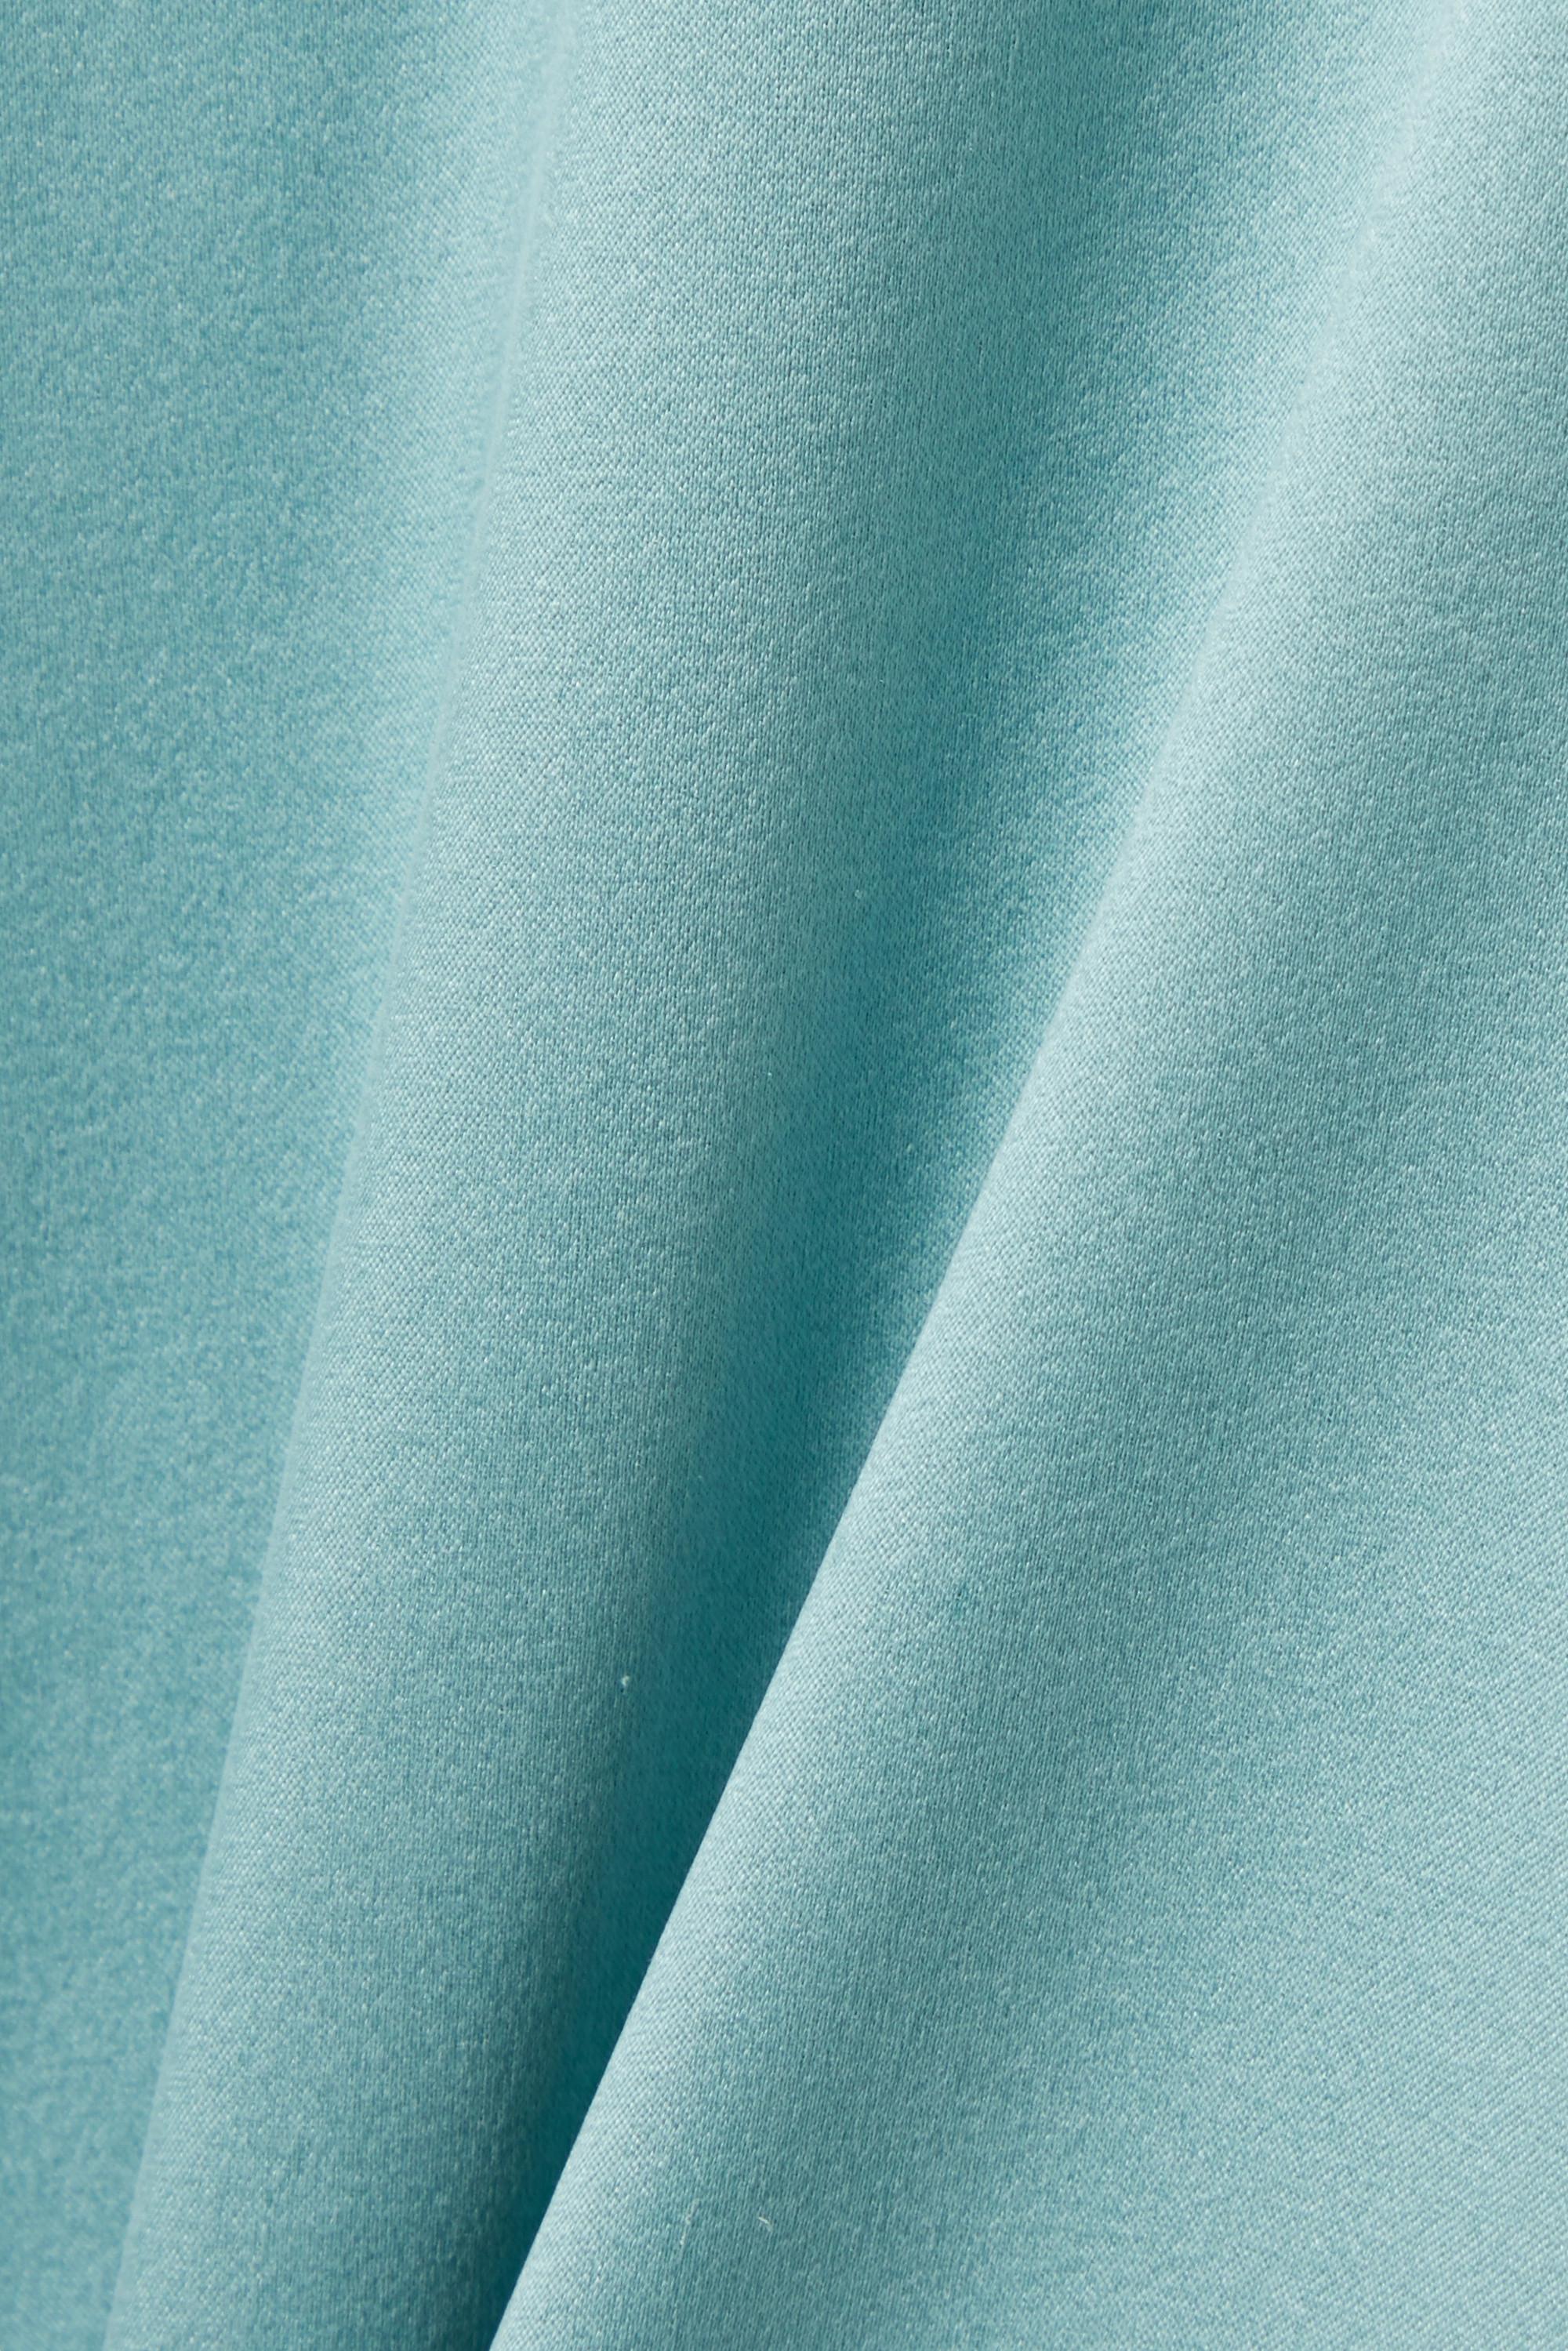 Skin + NET SUSTAIN Tess Nachthemd aus vorgewaschenem Satin aus einer Bioseidenmischung